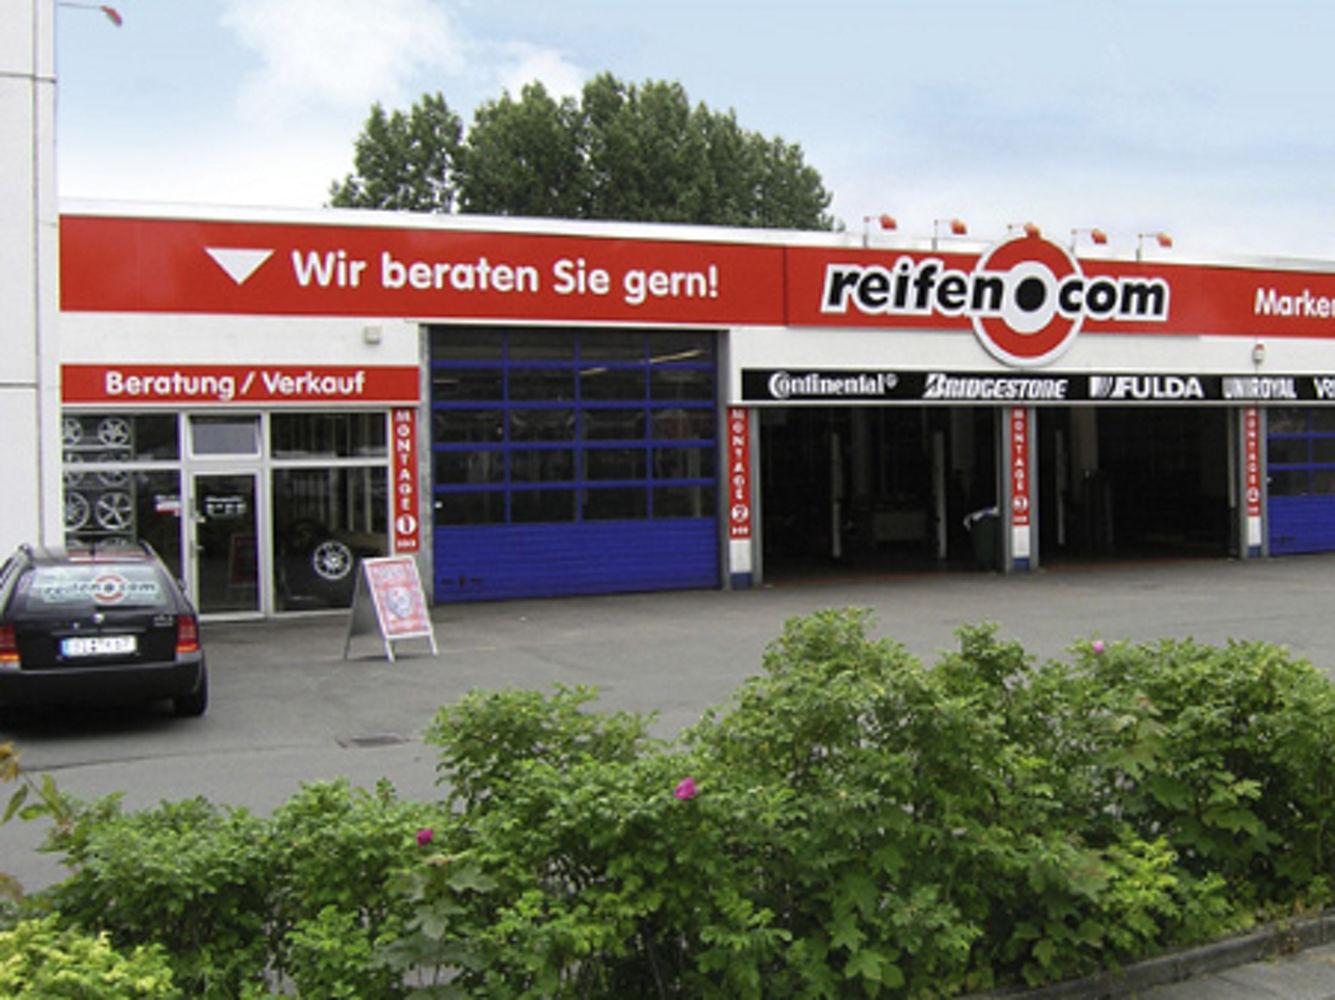 reifen.com-branch in Paderborn